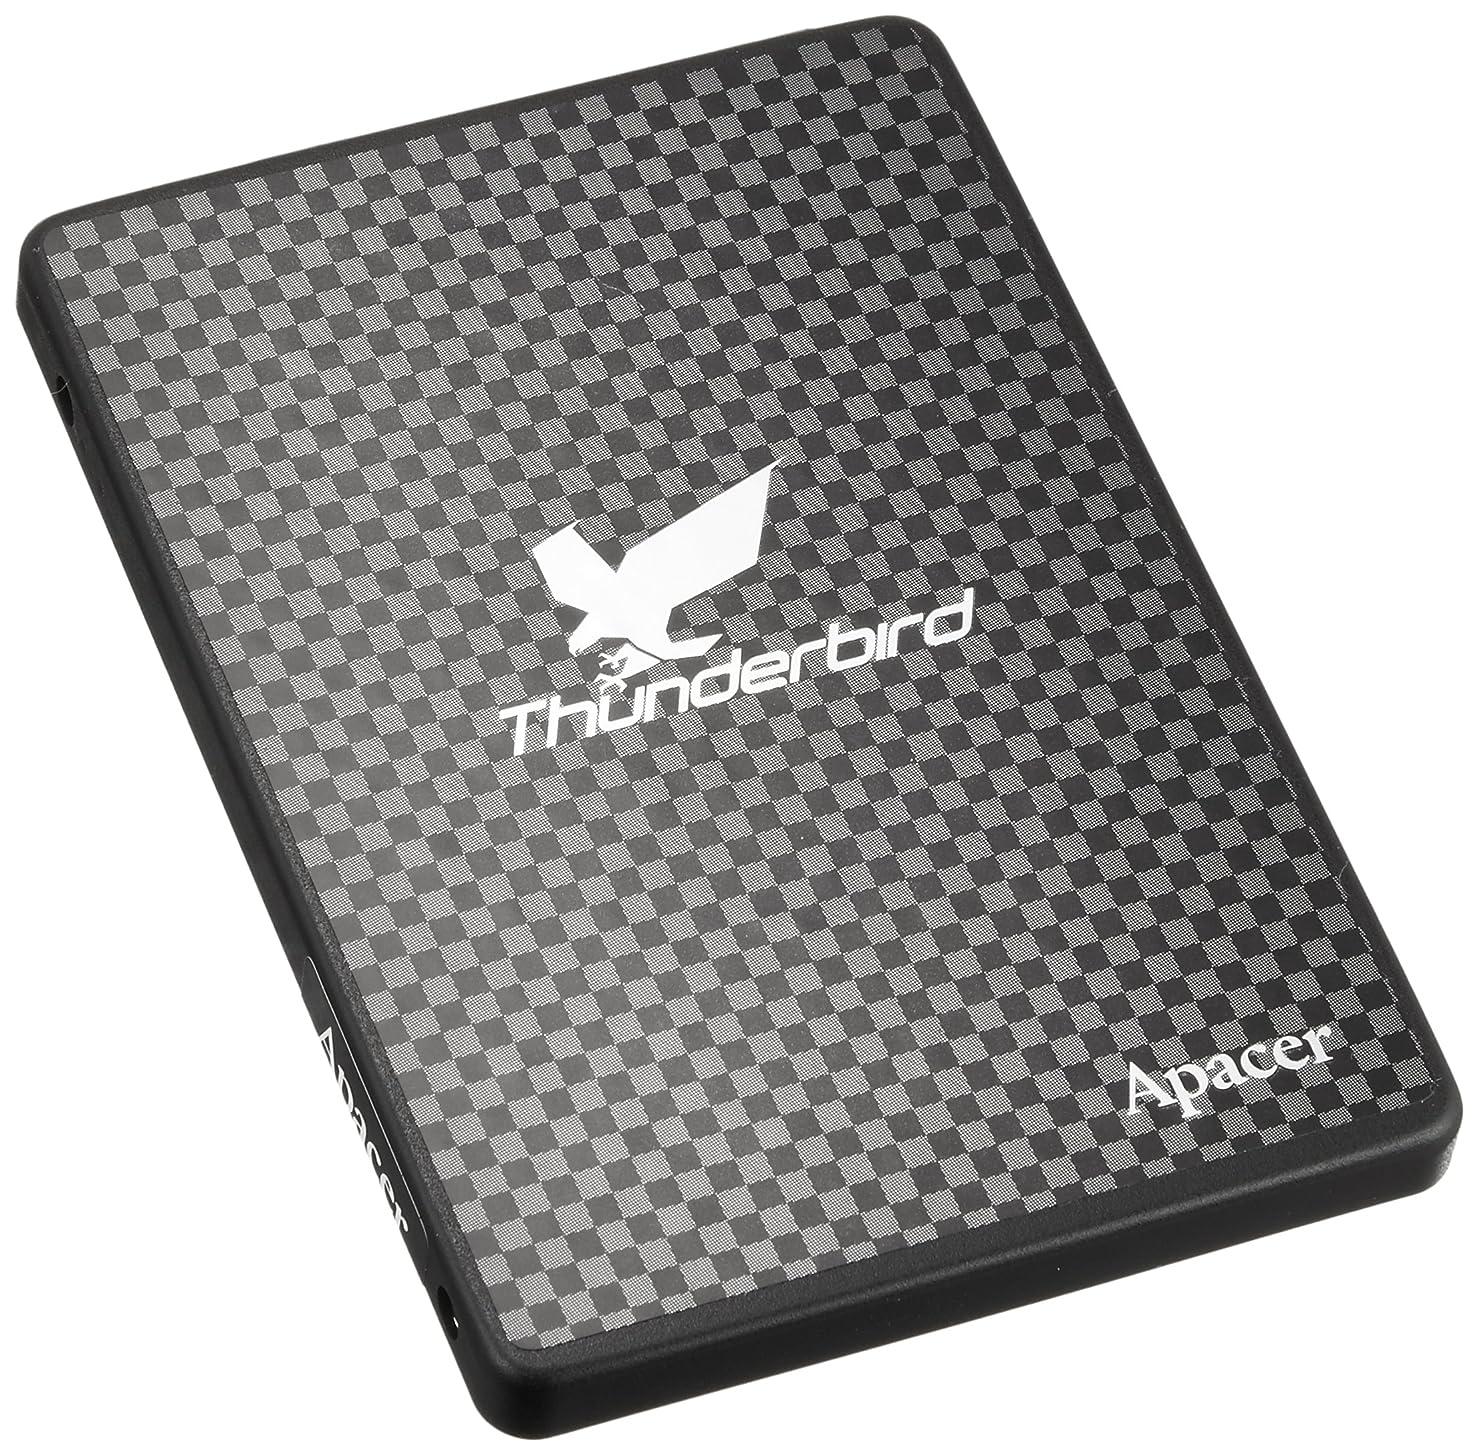 着替える未亡人成熟Apacer Technology Thunderbird AST680S SSD 128GB AP128GAST680S-JP